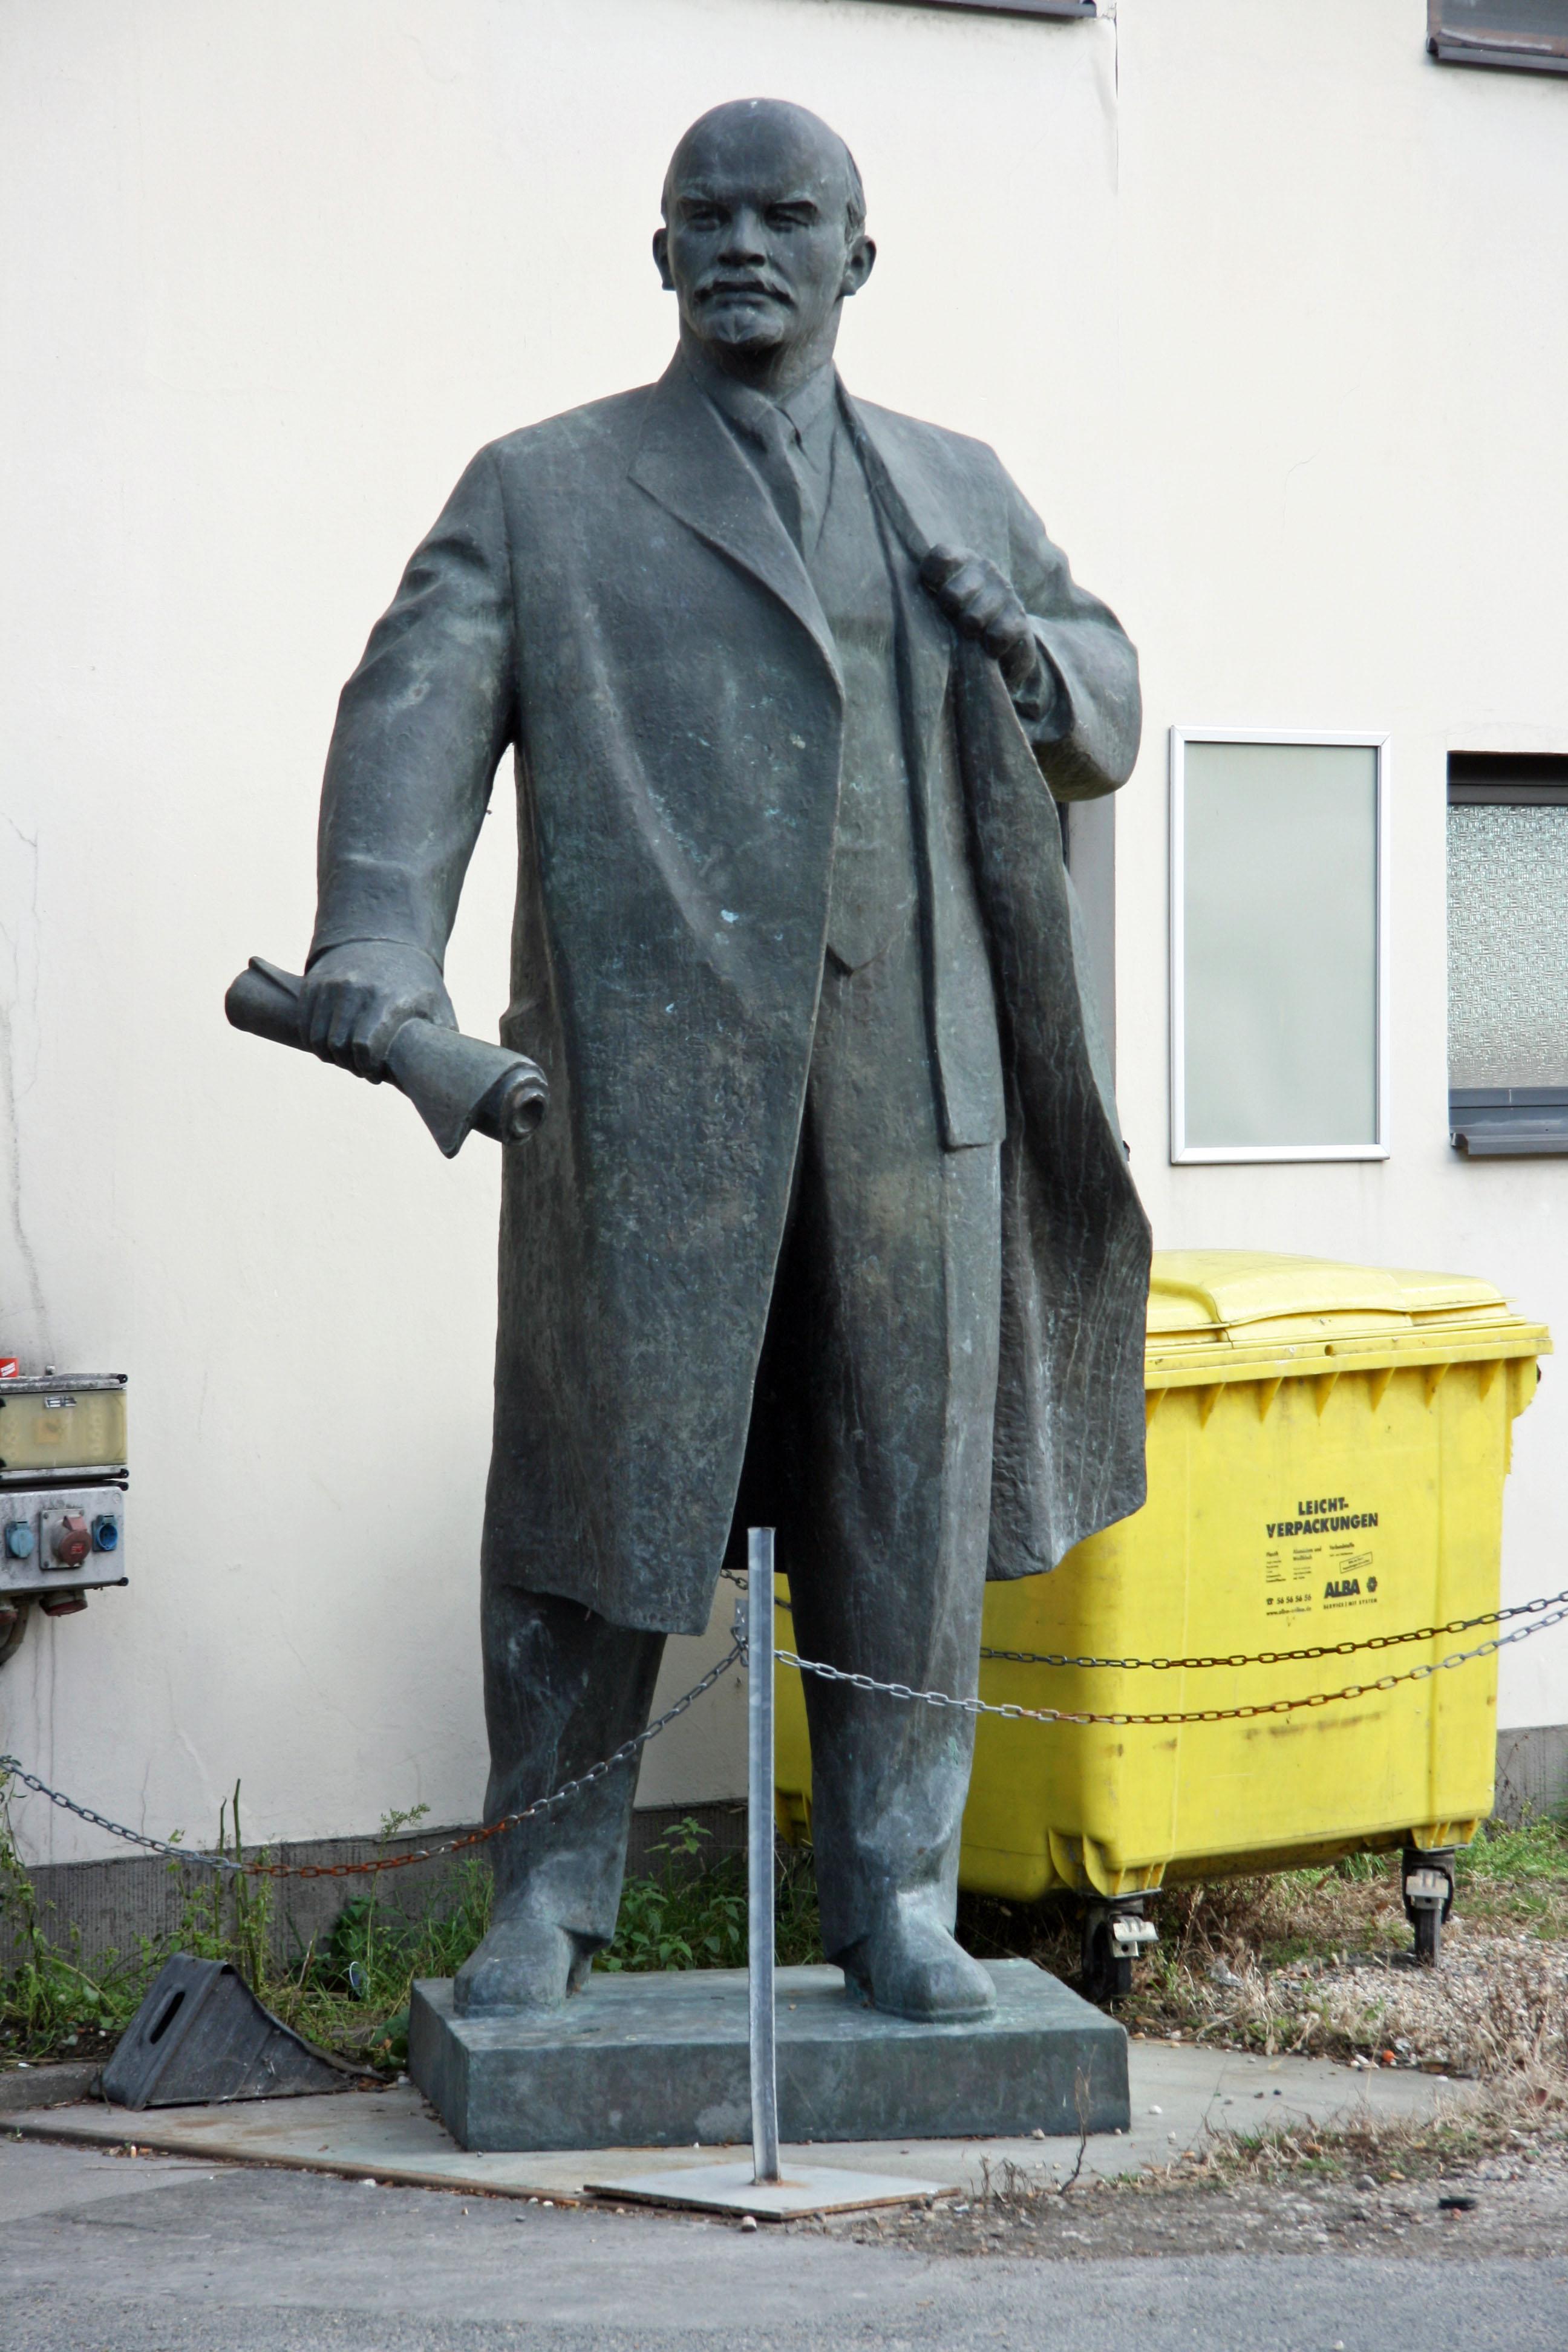 A statue of Lenin outside a building off Köpenicker Strasse in Berlin